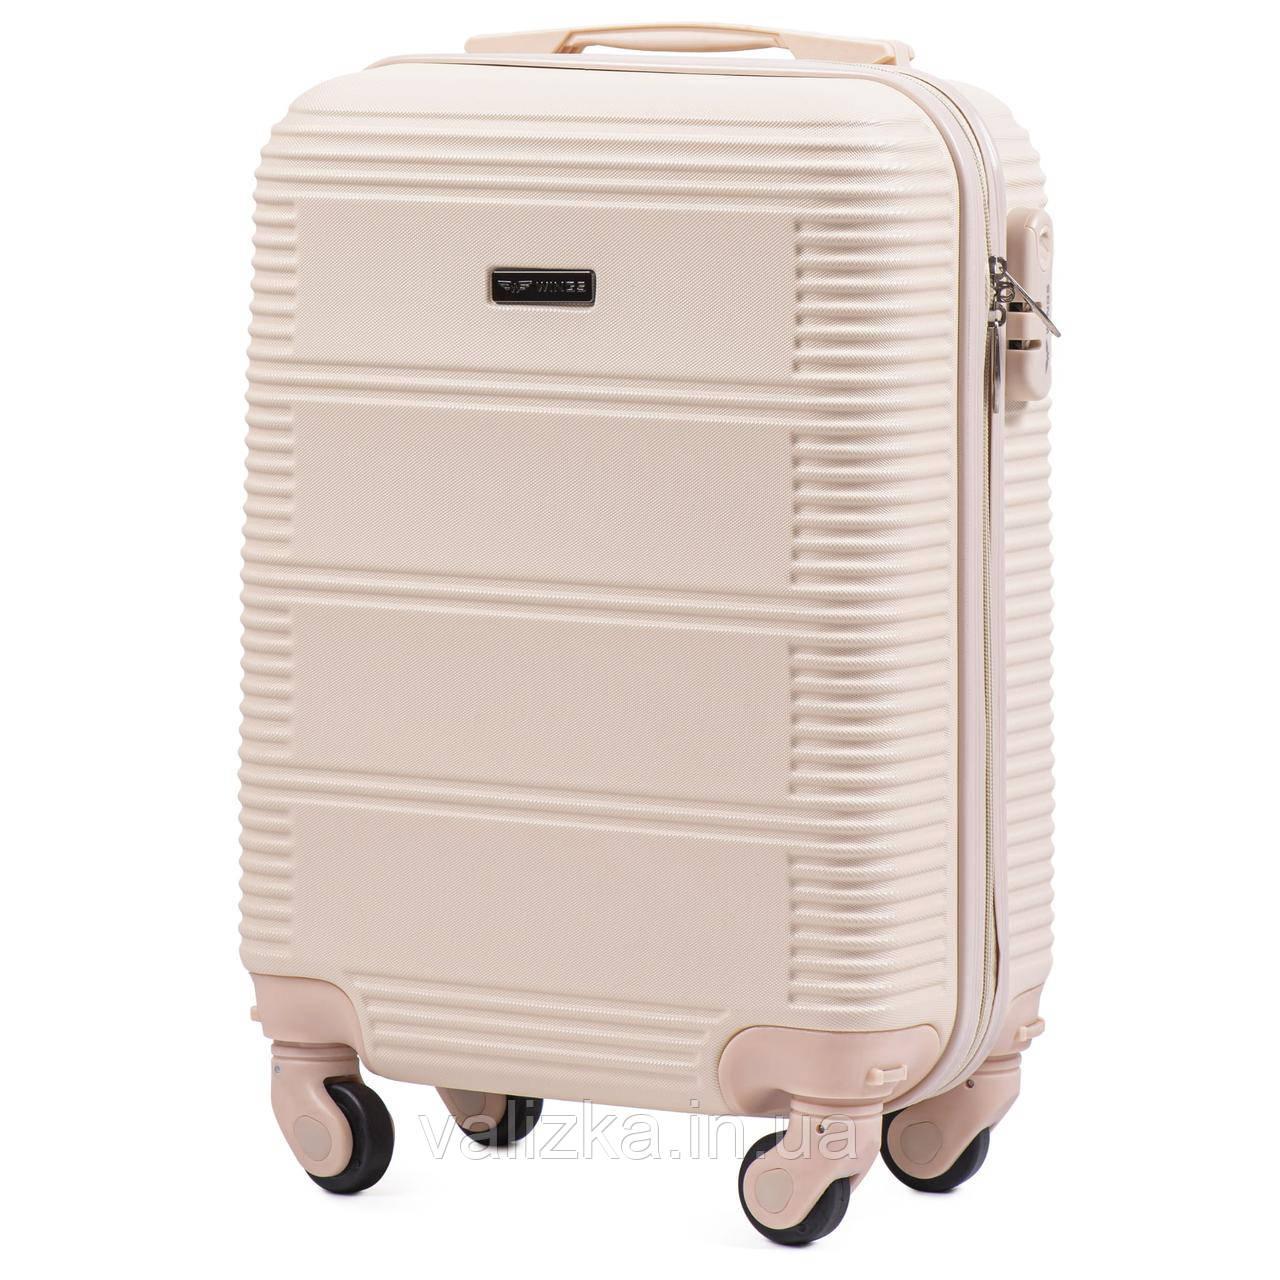 Пластиковый чемодан Wings 203 S для ручной клади молочный